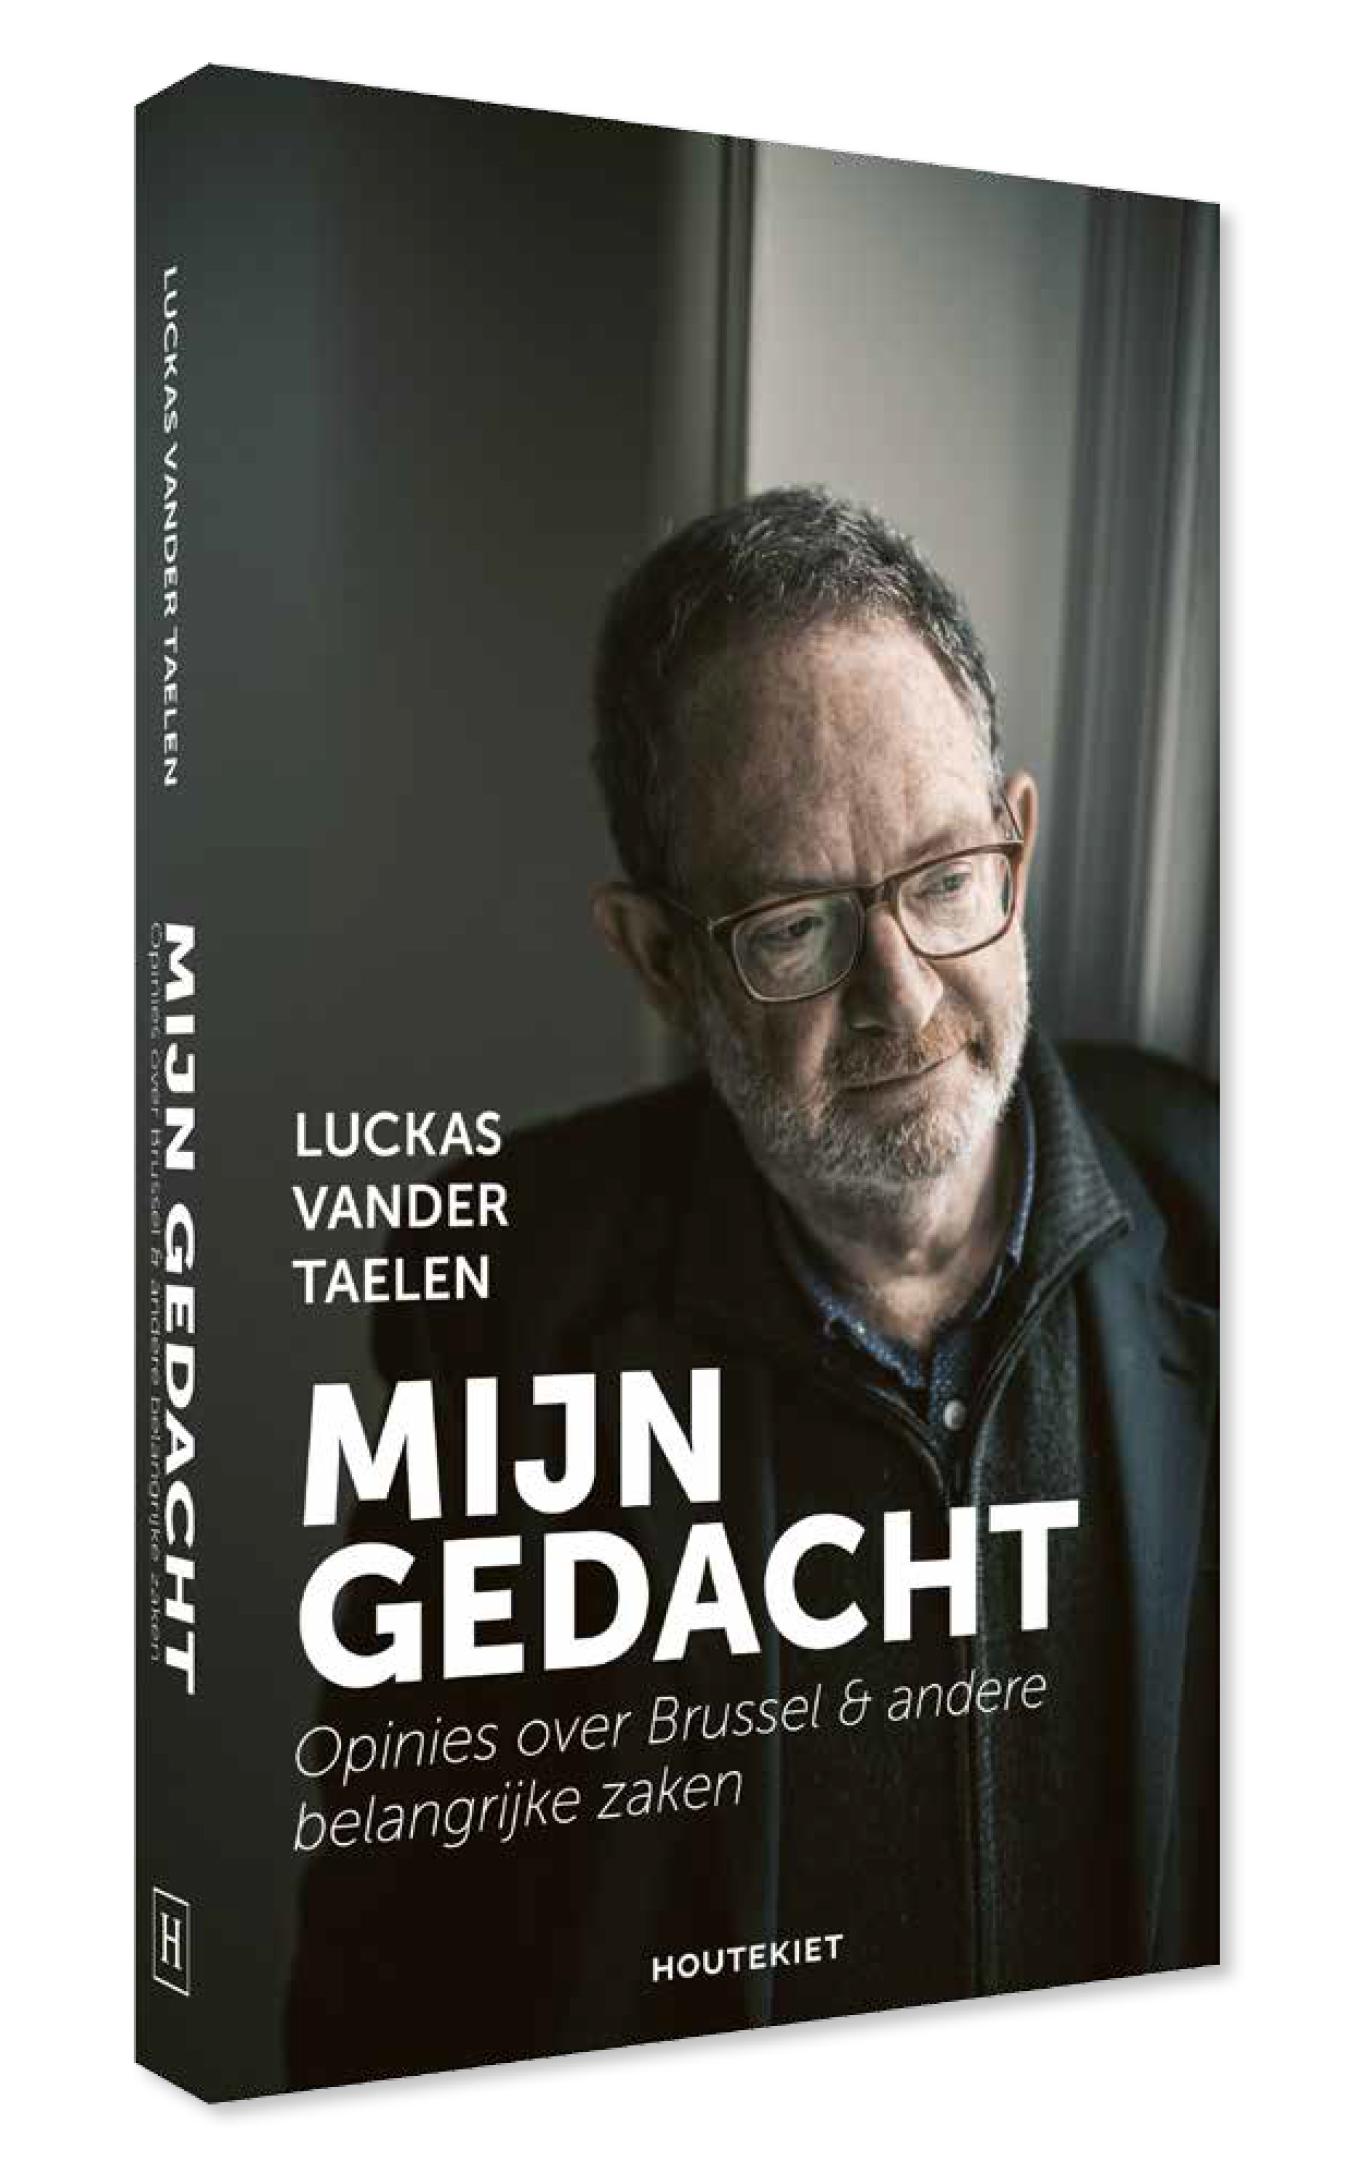 17 cover Houtekiet LuckasVDT MijnGedacht